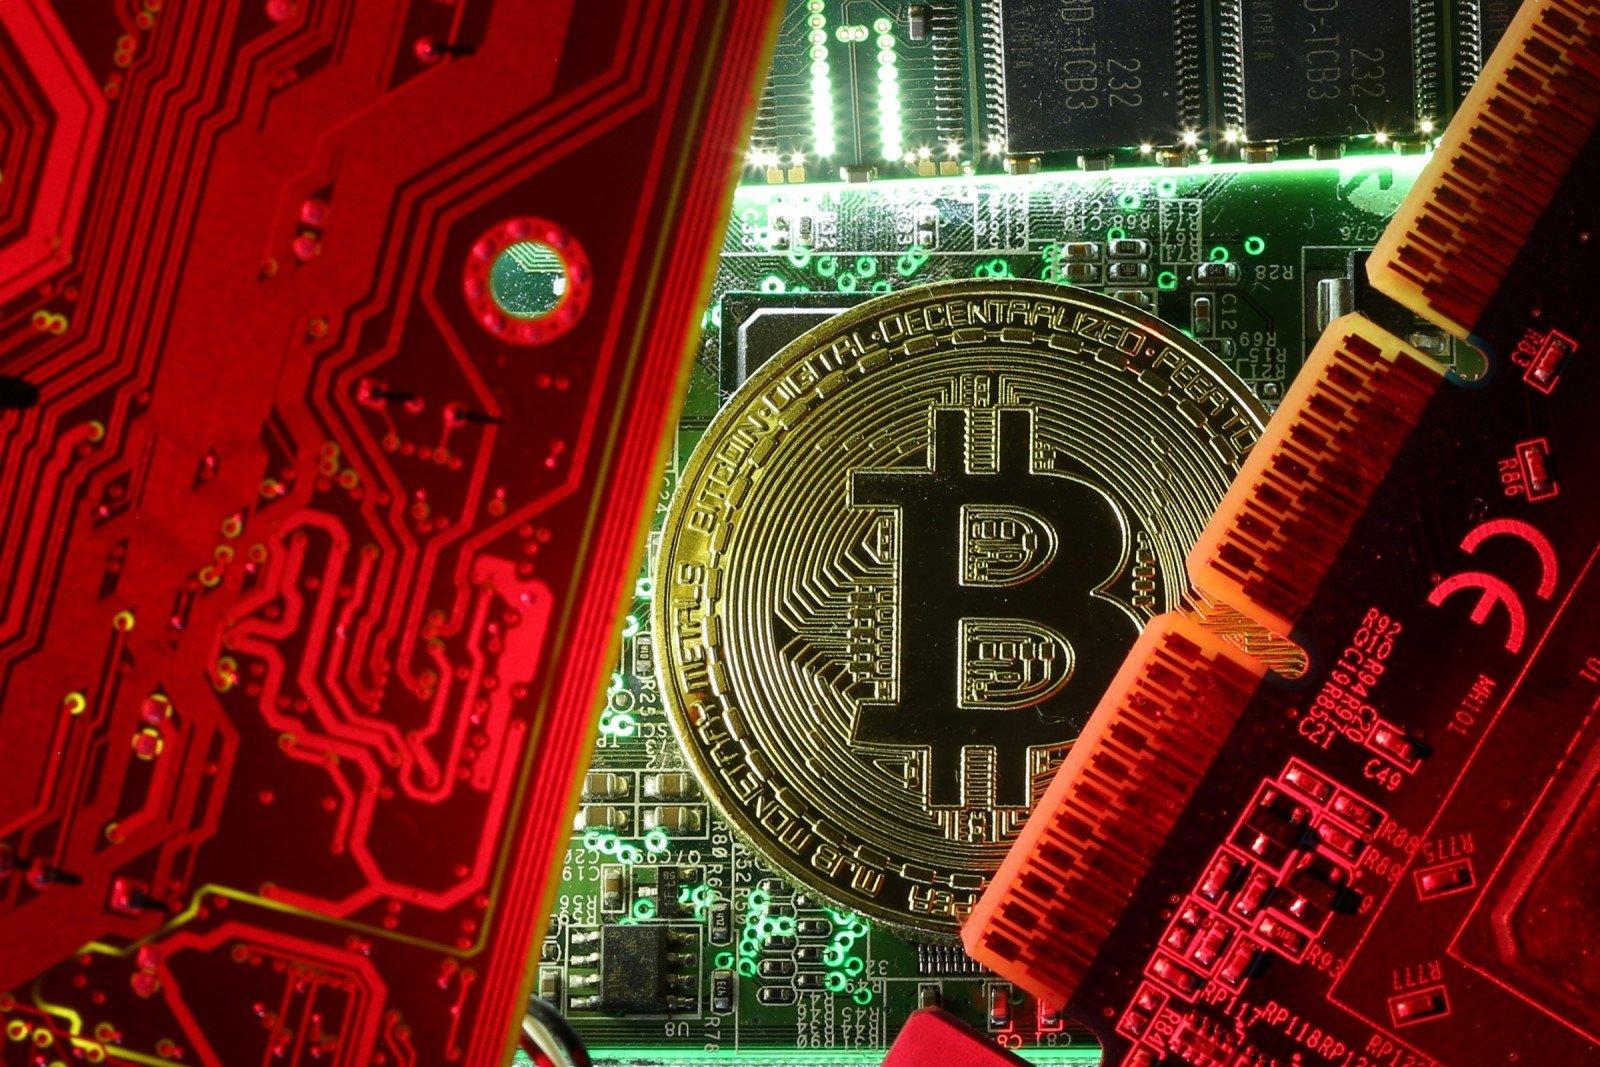 Vertos investuoti į mažesnes kriptovaliutas